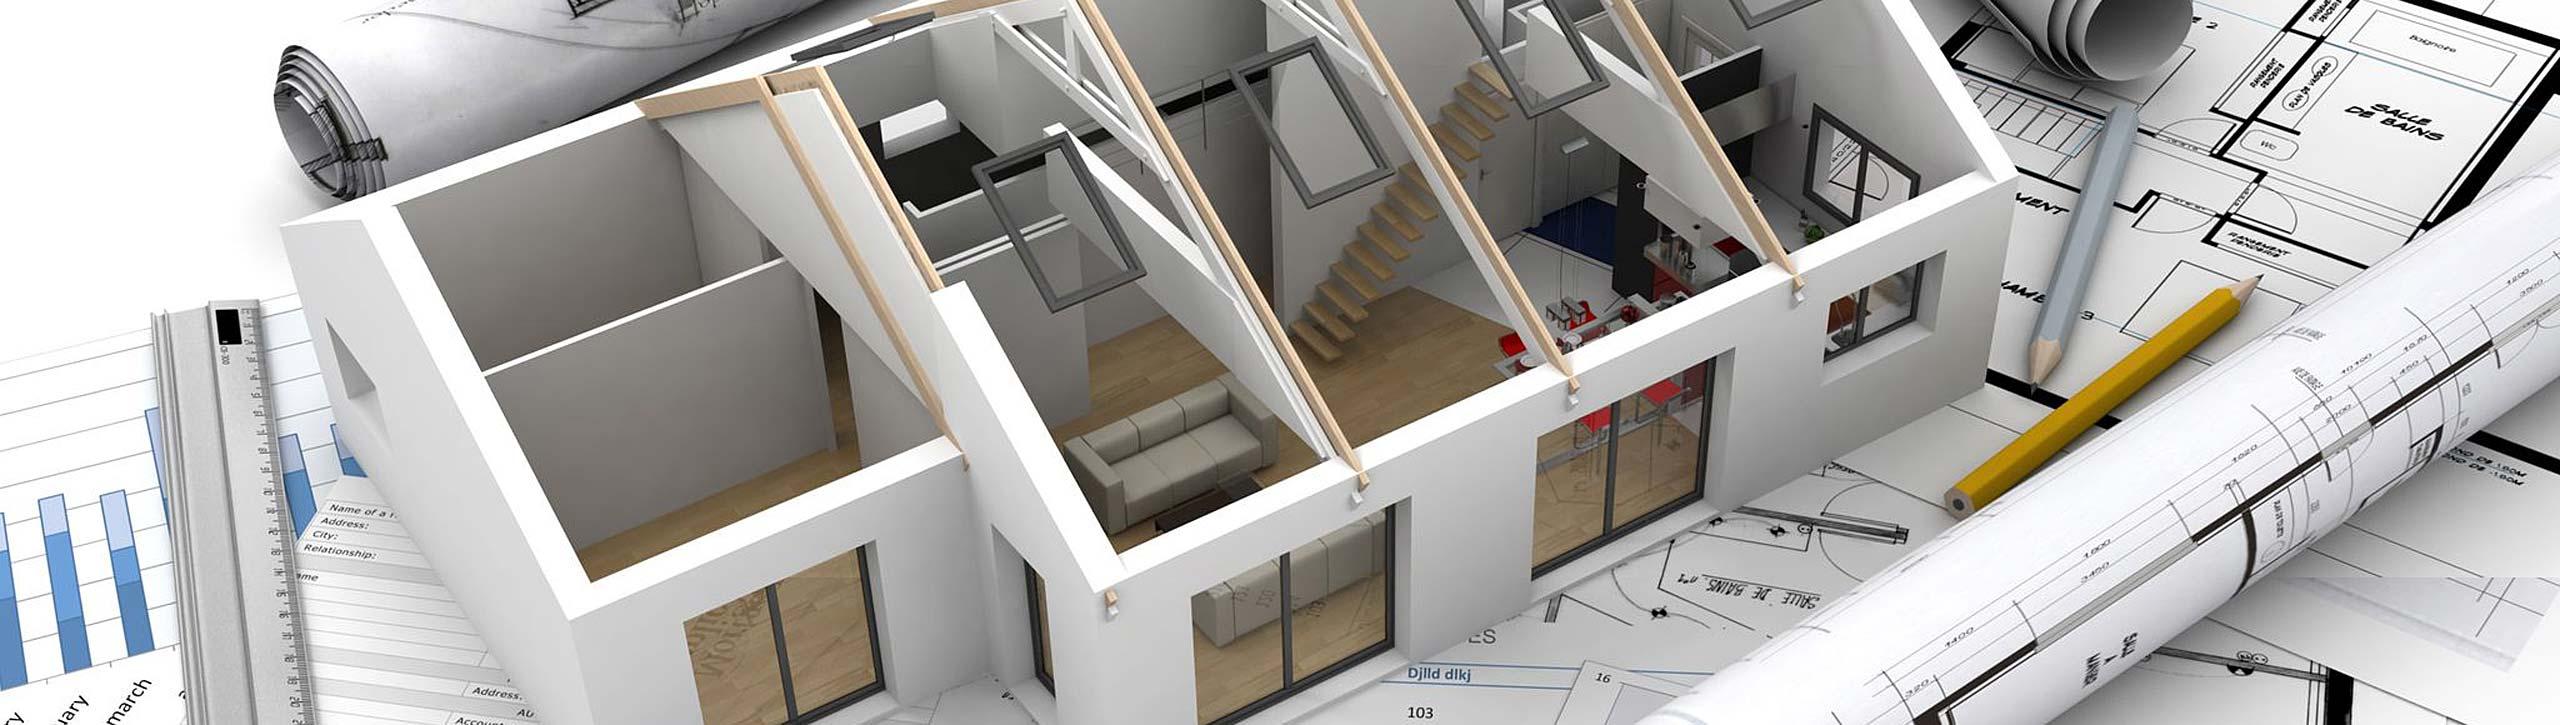 Planung Ihres Bauvorhabens – Toni Ungelert Bauunternehmen